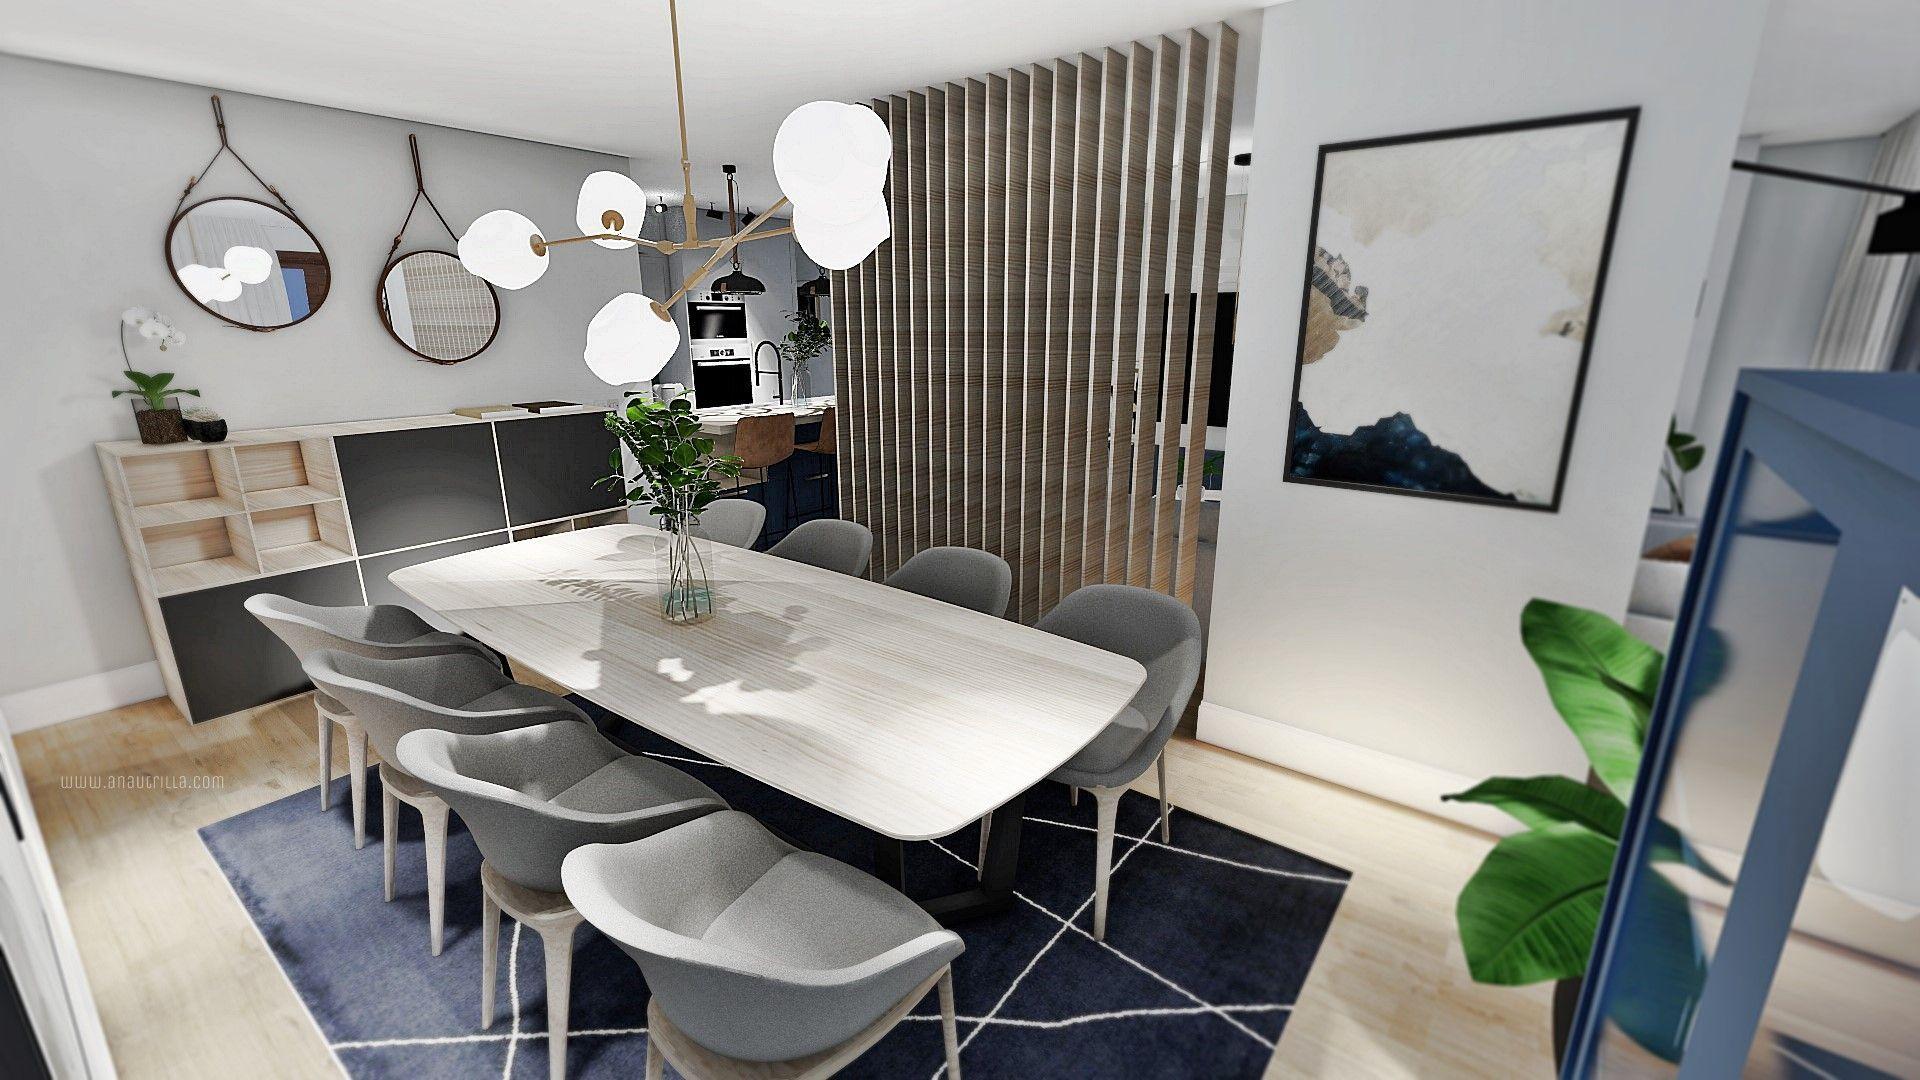 Proyecto de diseño e interiorismo 3D, espacio de salón comedor concepto abierto en tonos azules y neutros #AnaUtrillainteriorismo #slowinteriordesign @utrillanais